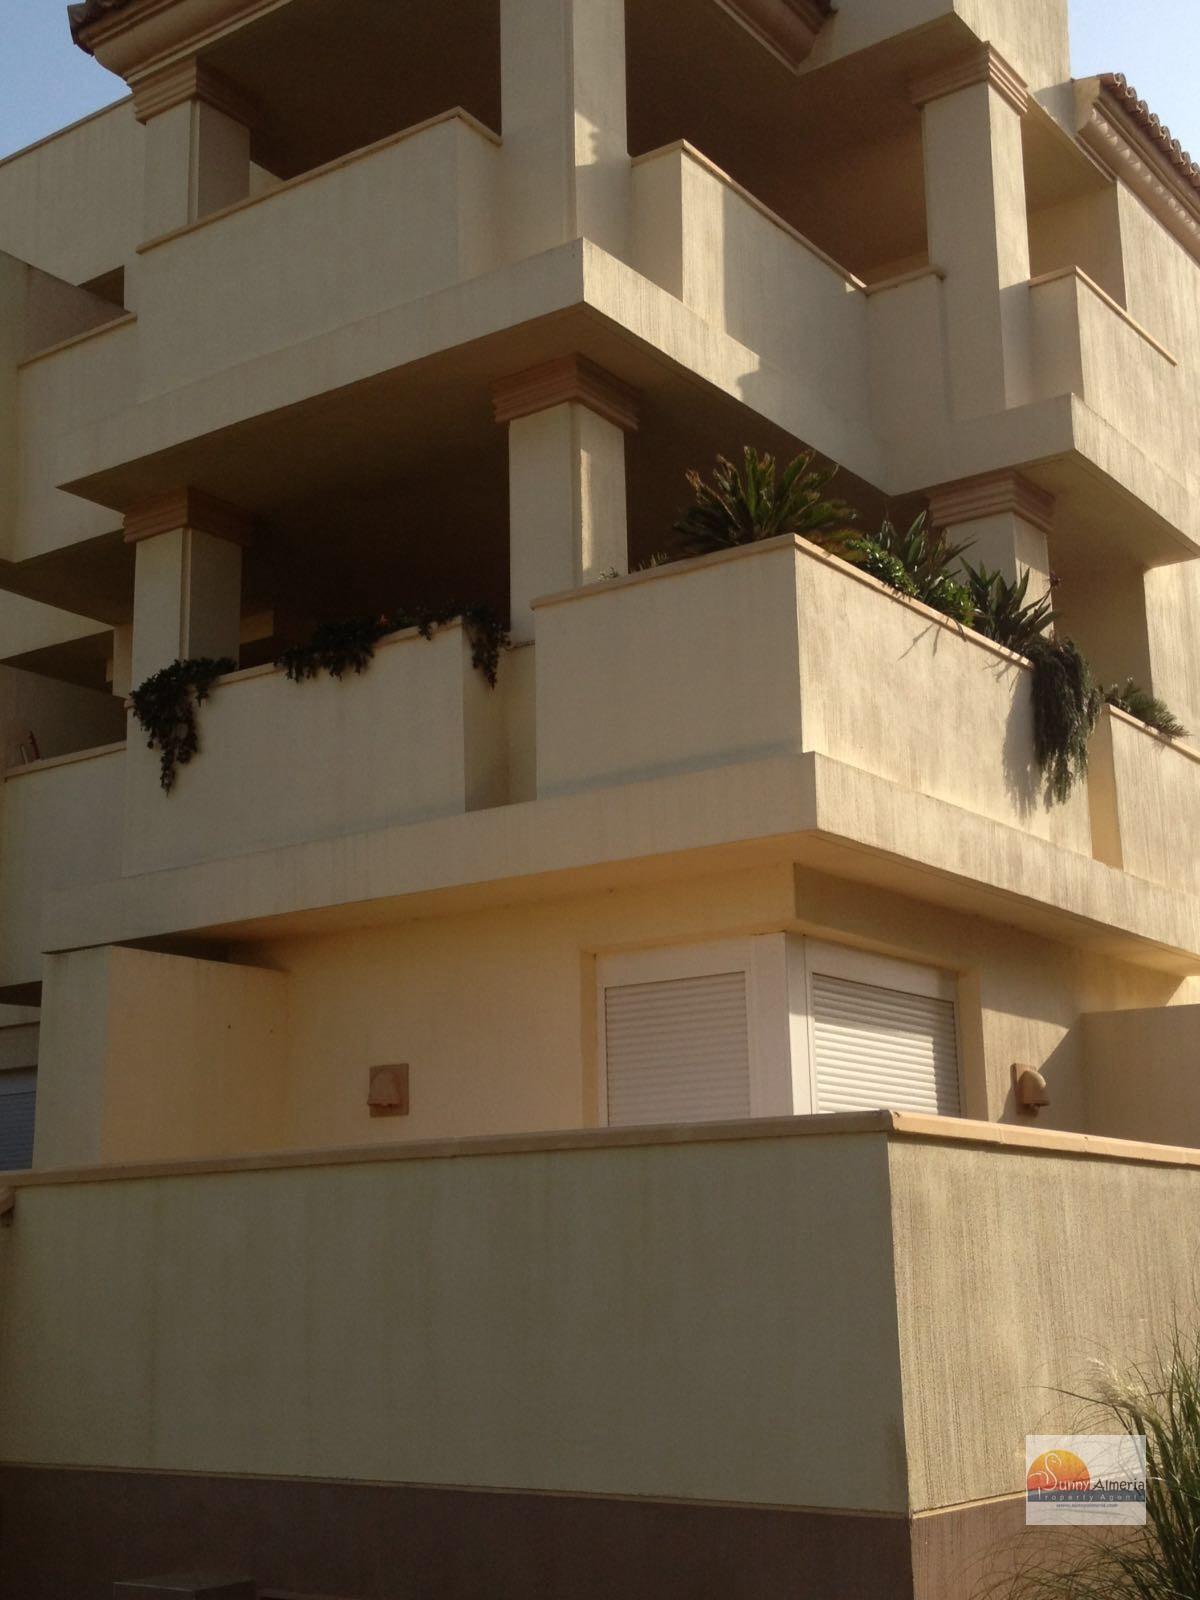 Luxury Apartment for sale in Calle Fosforito 4 (Roquetas de Mar), 185.000 €